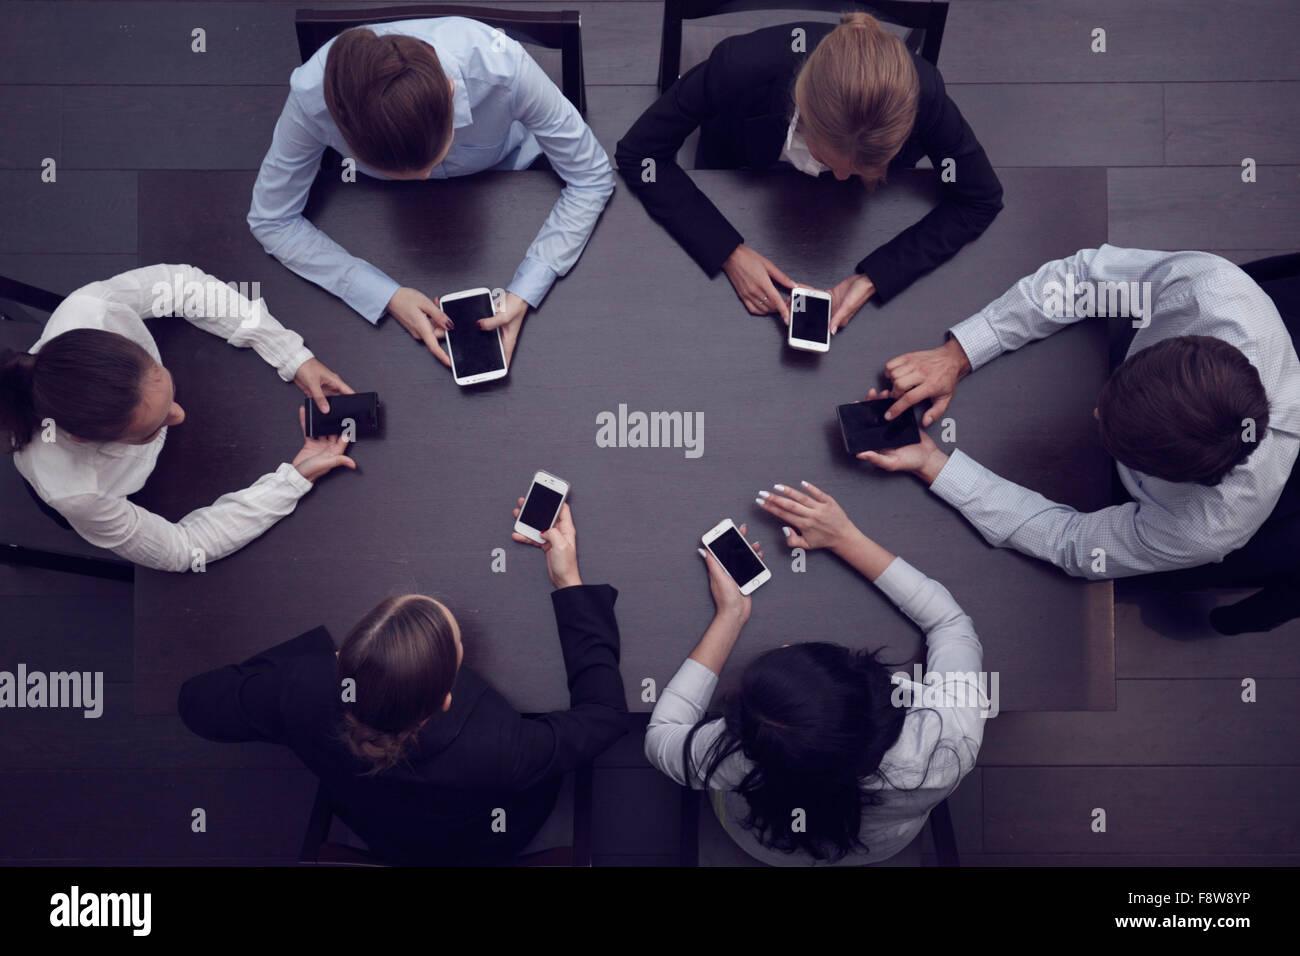 La gente di affari con gli smartphone seduti attorno al tavolo, vista dall'alto Immagini Stock